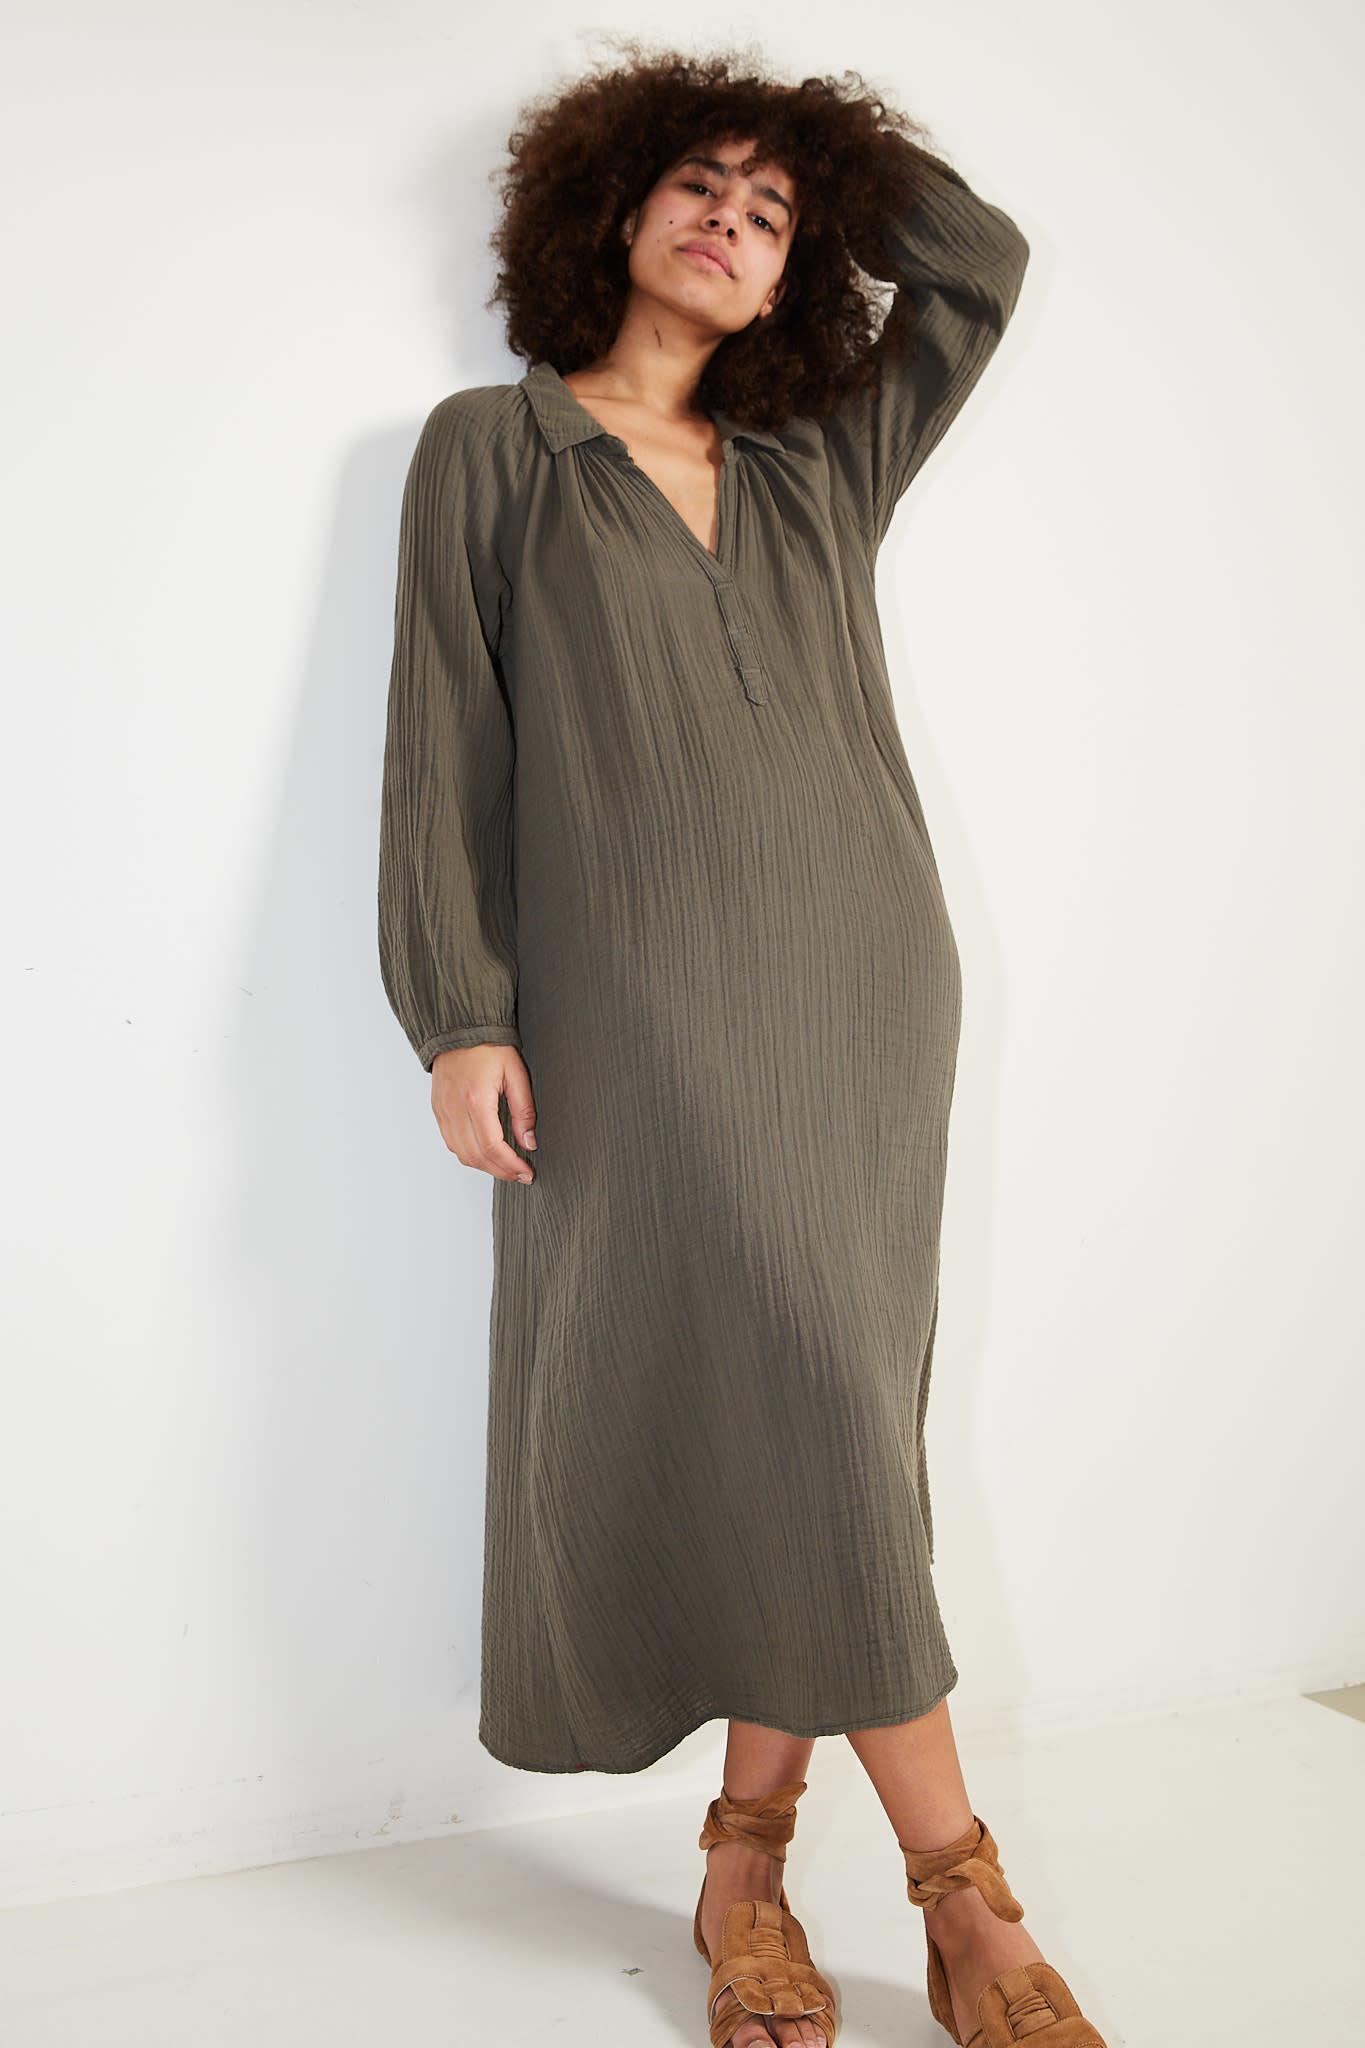 Xirena - Lexx dress